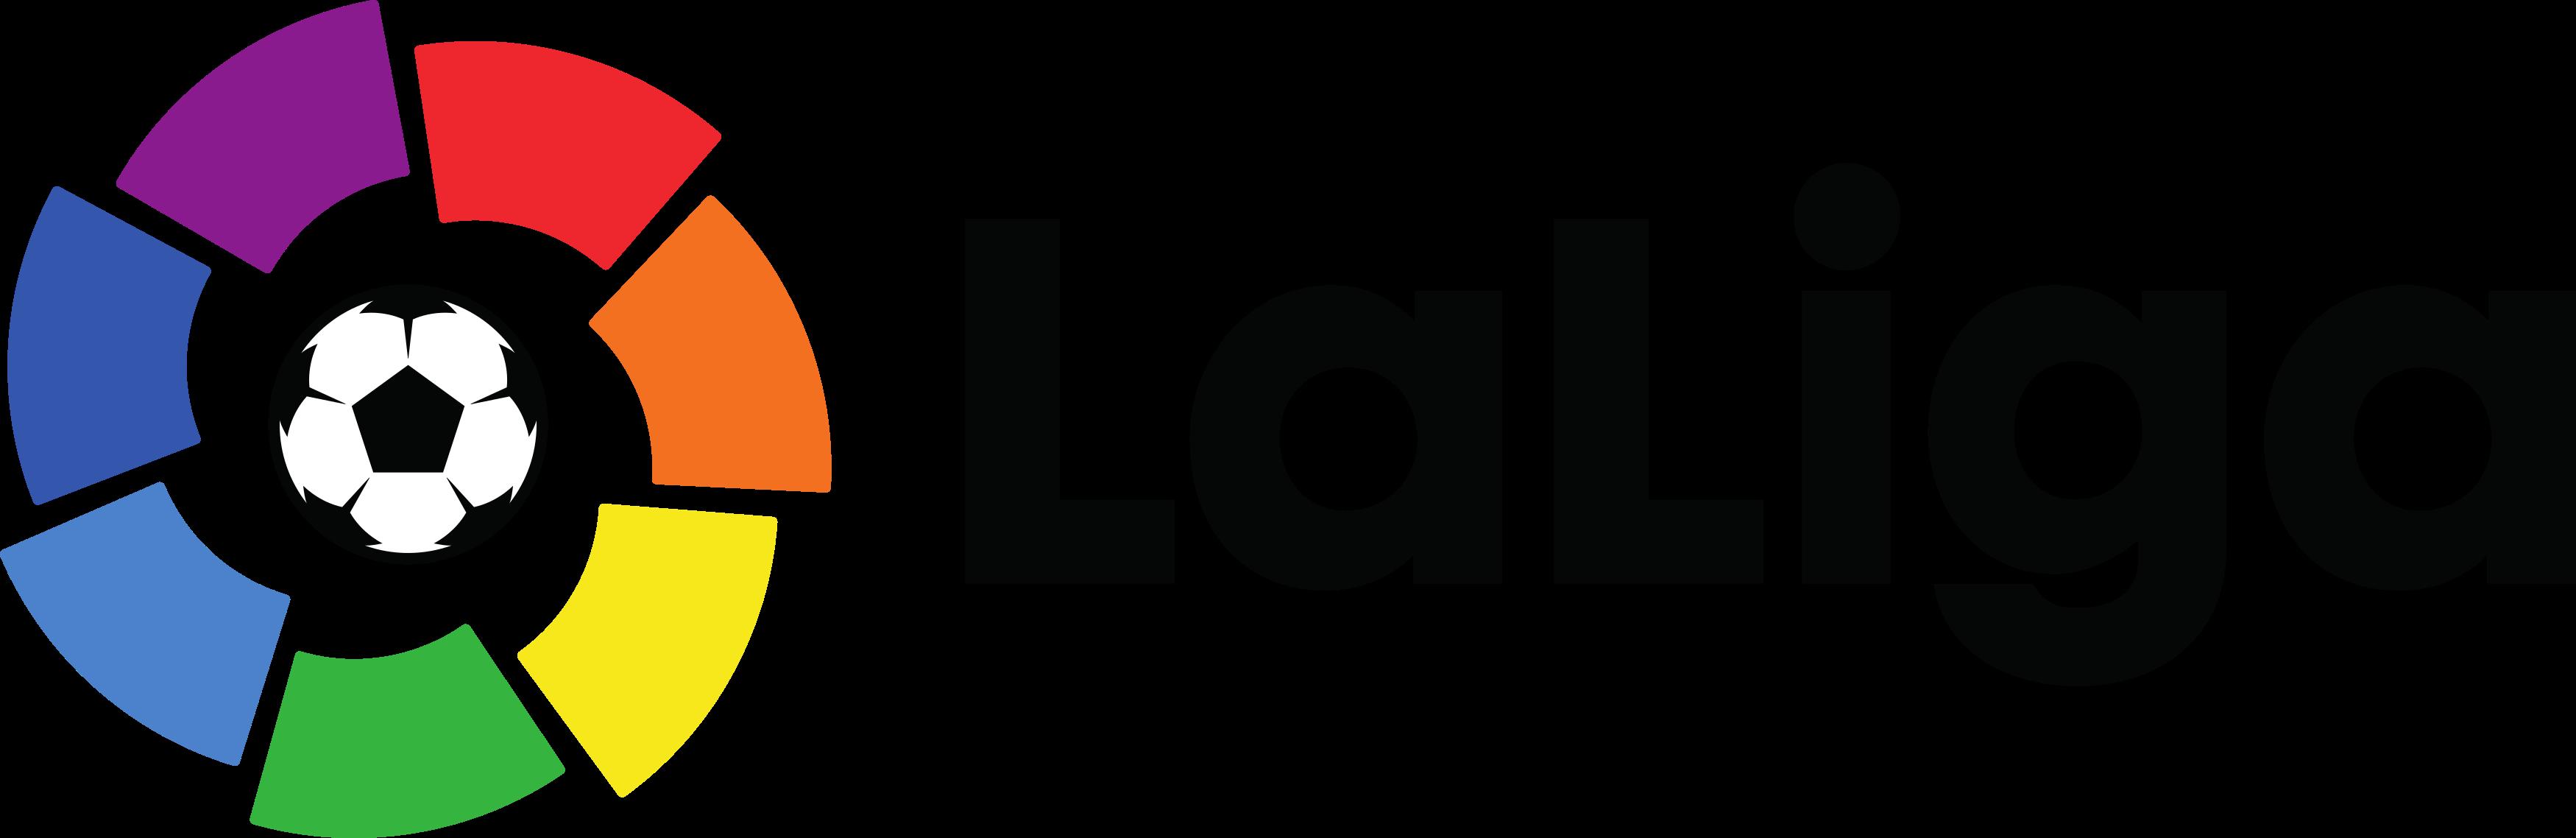 Resultado de imagem para FUTEBOL – ESPANHOL – LaLIGA - LOGOS